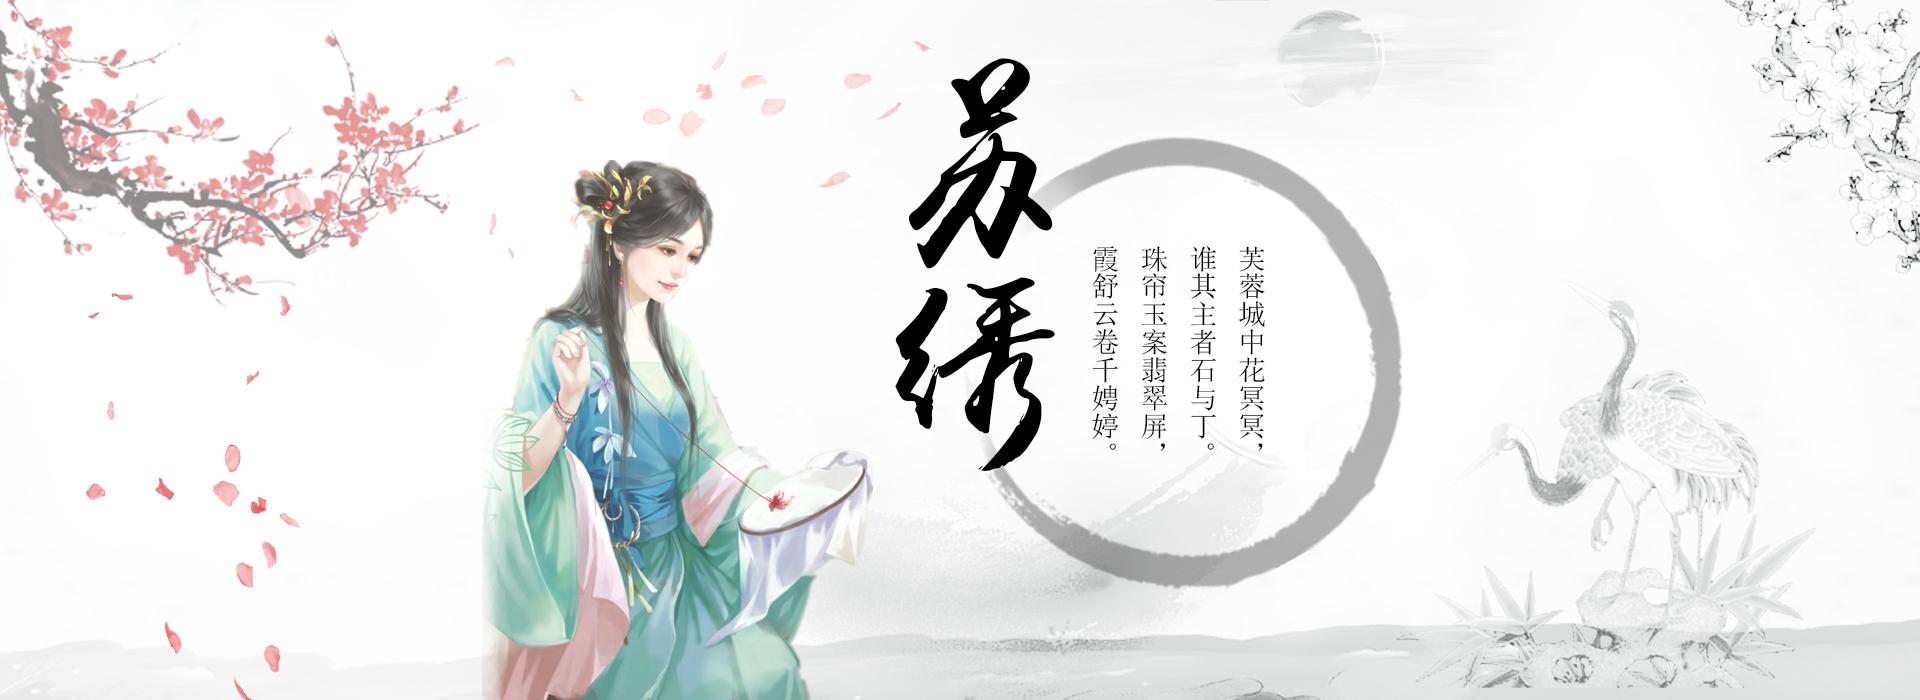 简单古风写意刺绣产品banner|网页|banner/广告图|夕图片